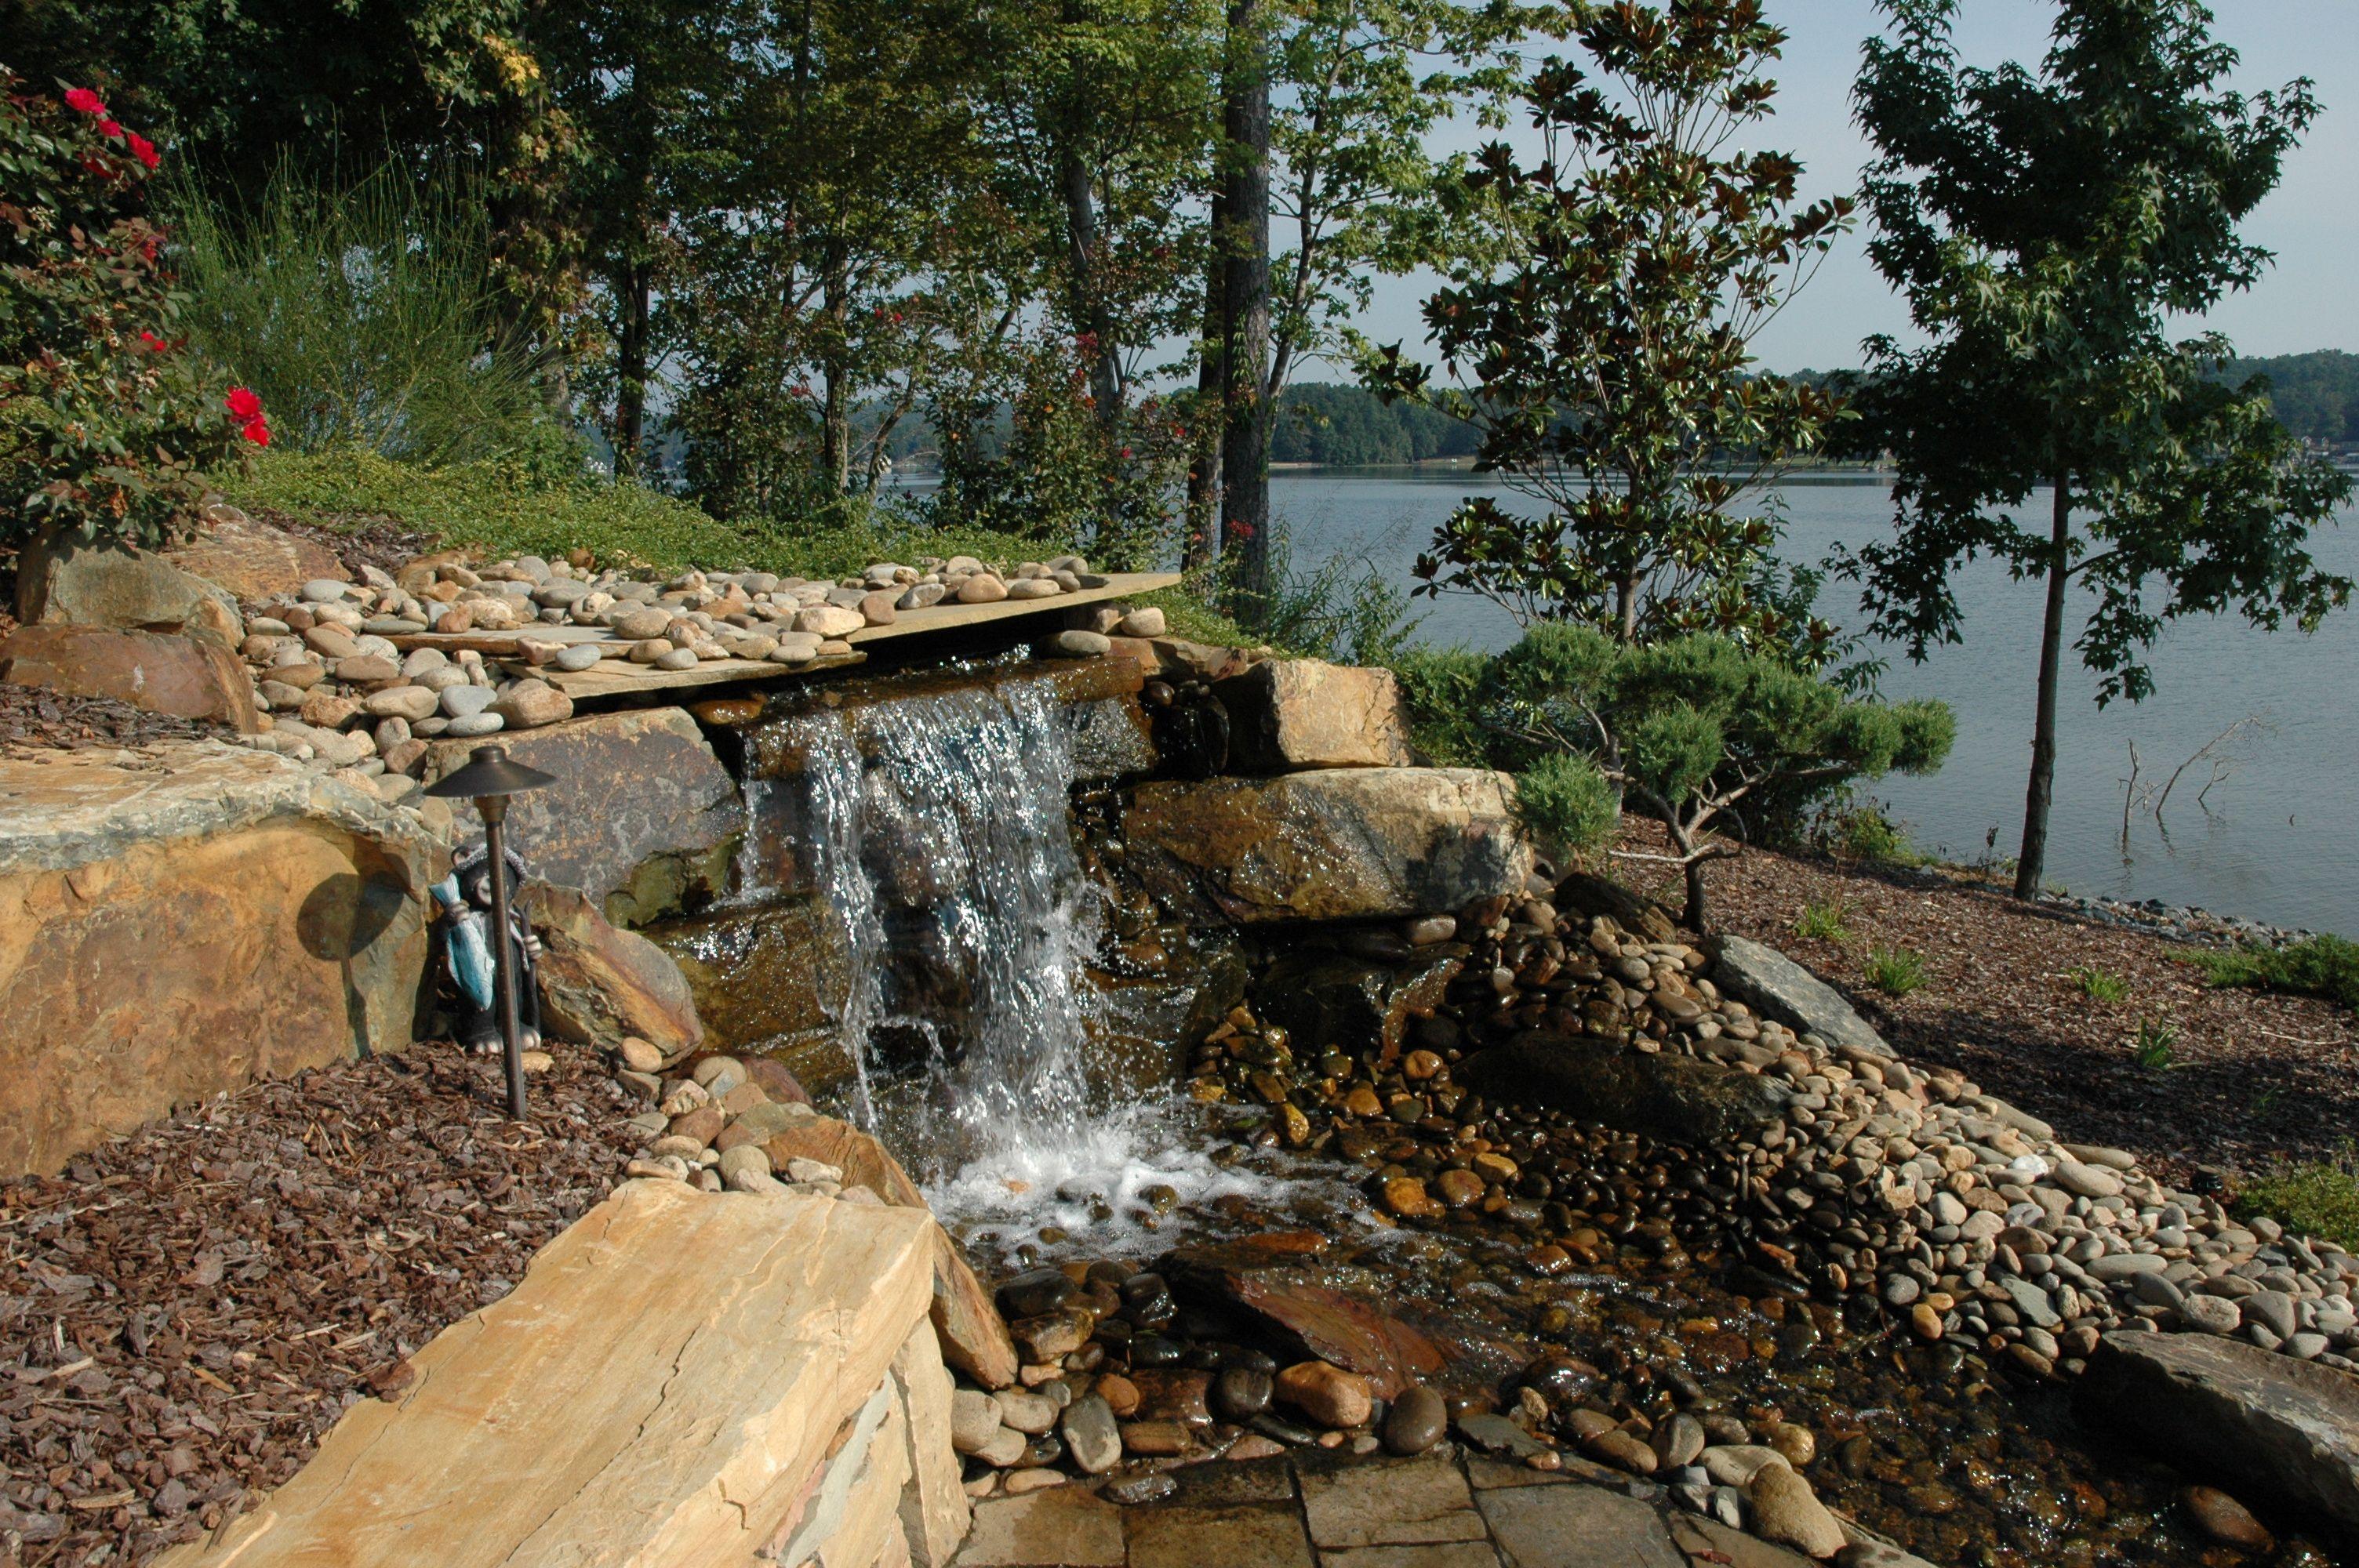 Landscape Project Toms Creek Nursery & Landscape 336-857-2131 Triad area - North Carolina www.tomscreek.com